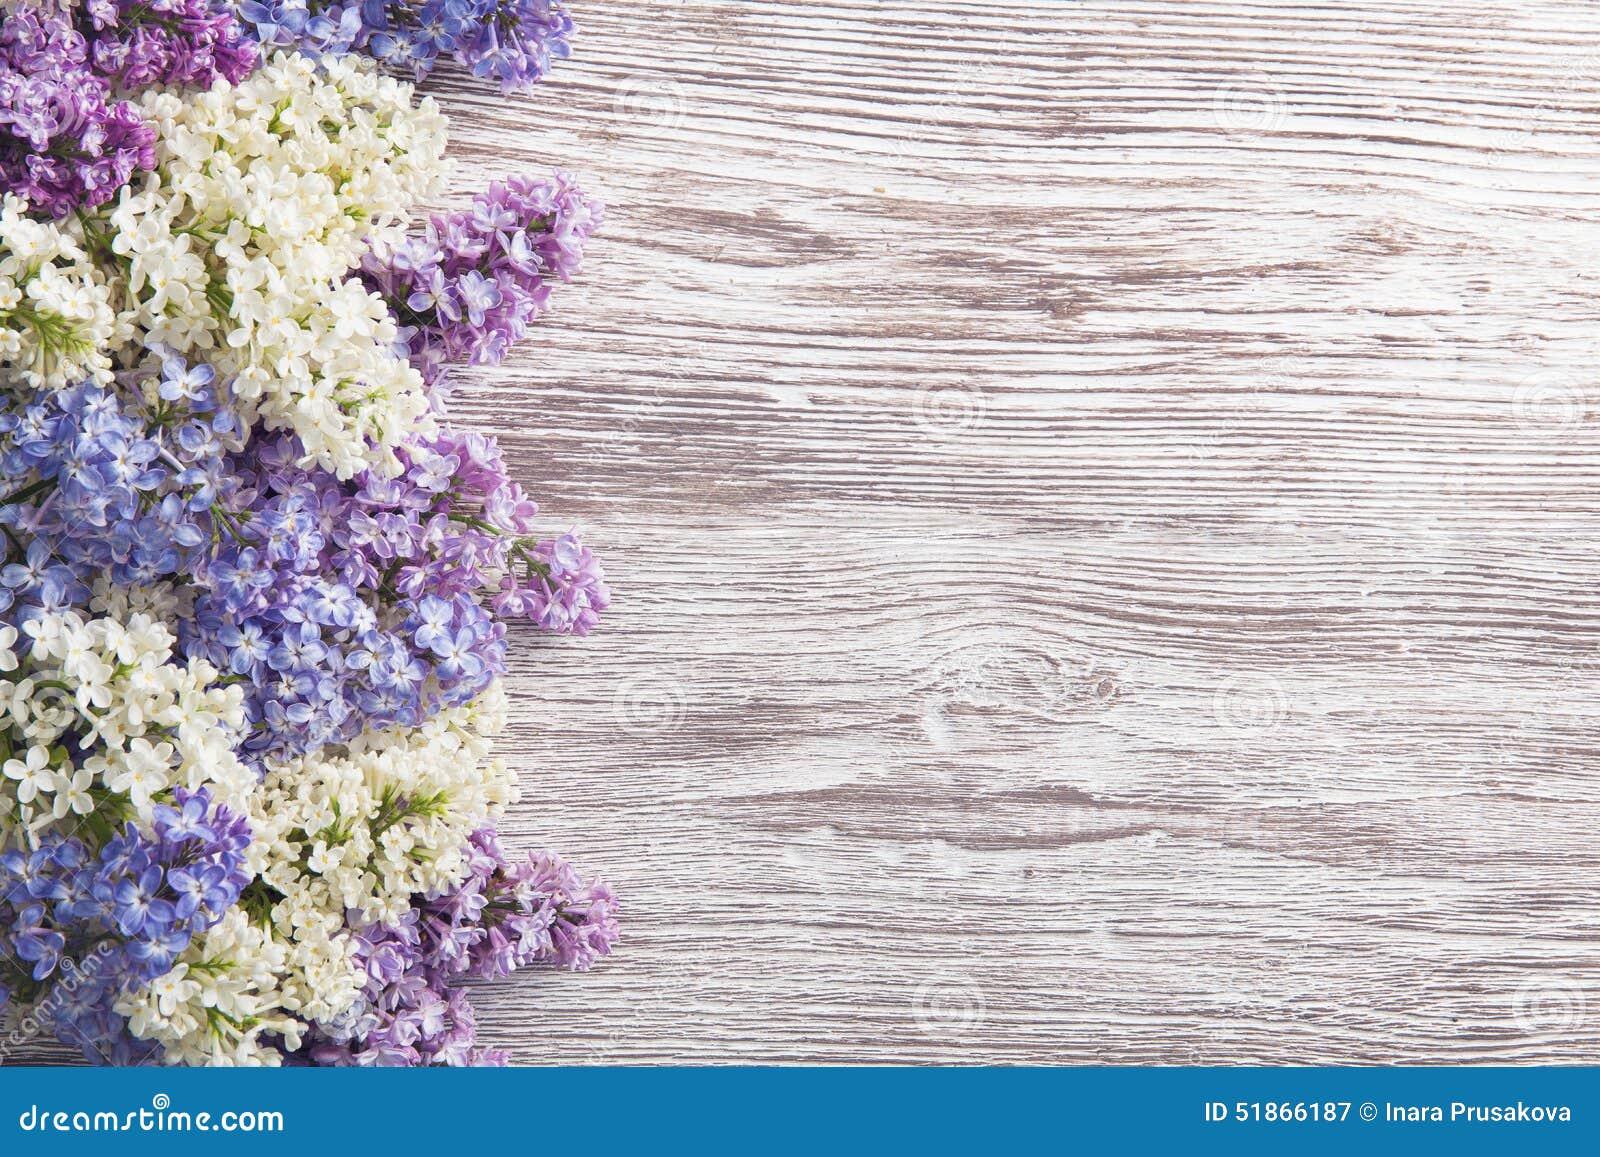 Lilan blommar buketten på träplankabakgrund, vårlila